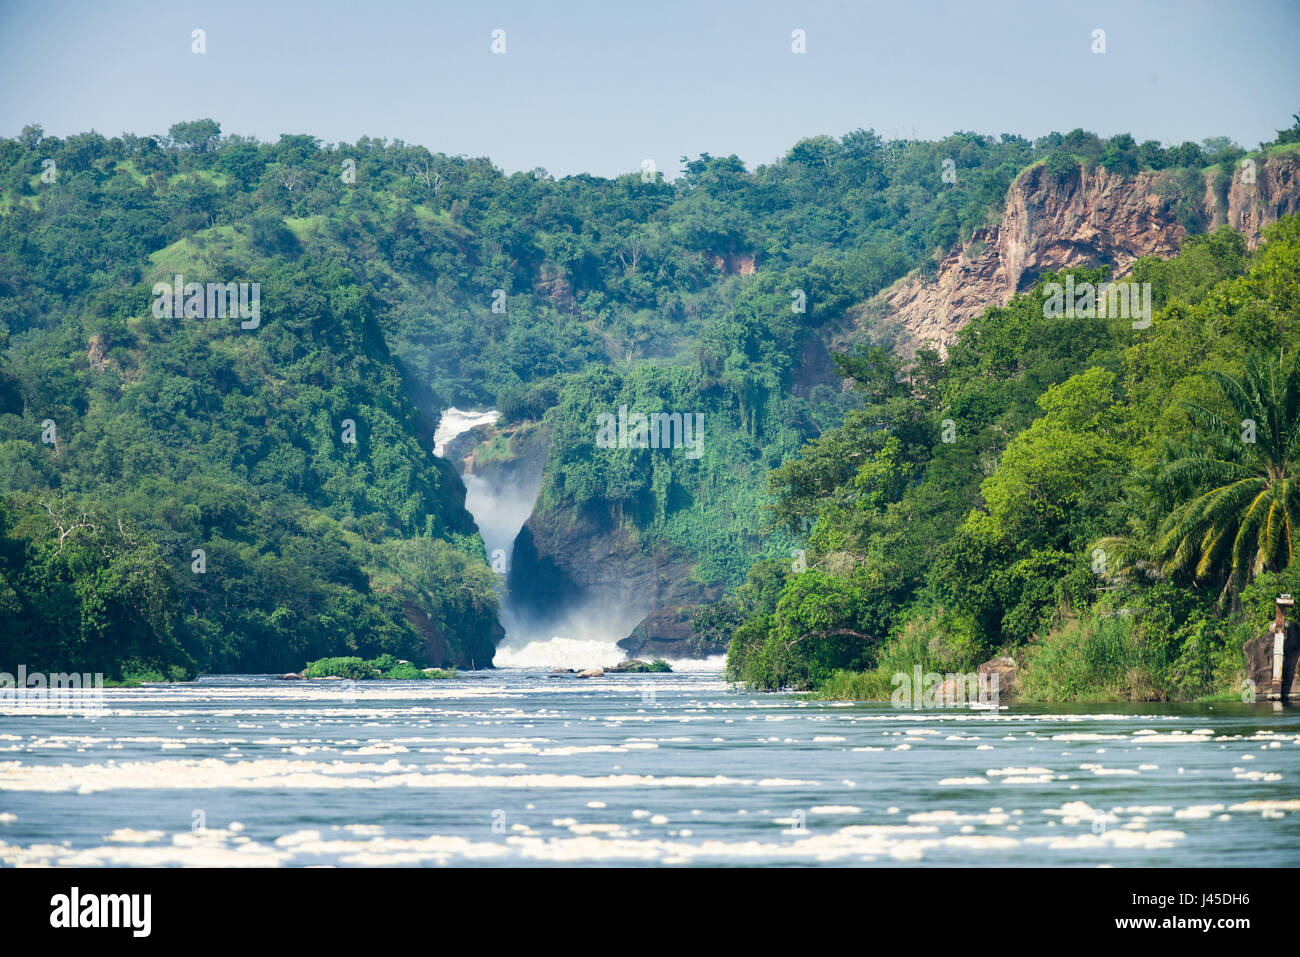 Et Murchison Falls le Nil Victoria circulant sur elle, de l'Ouganda Photo Stock